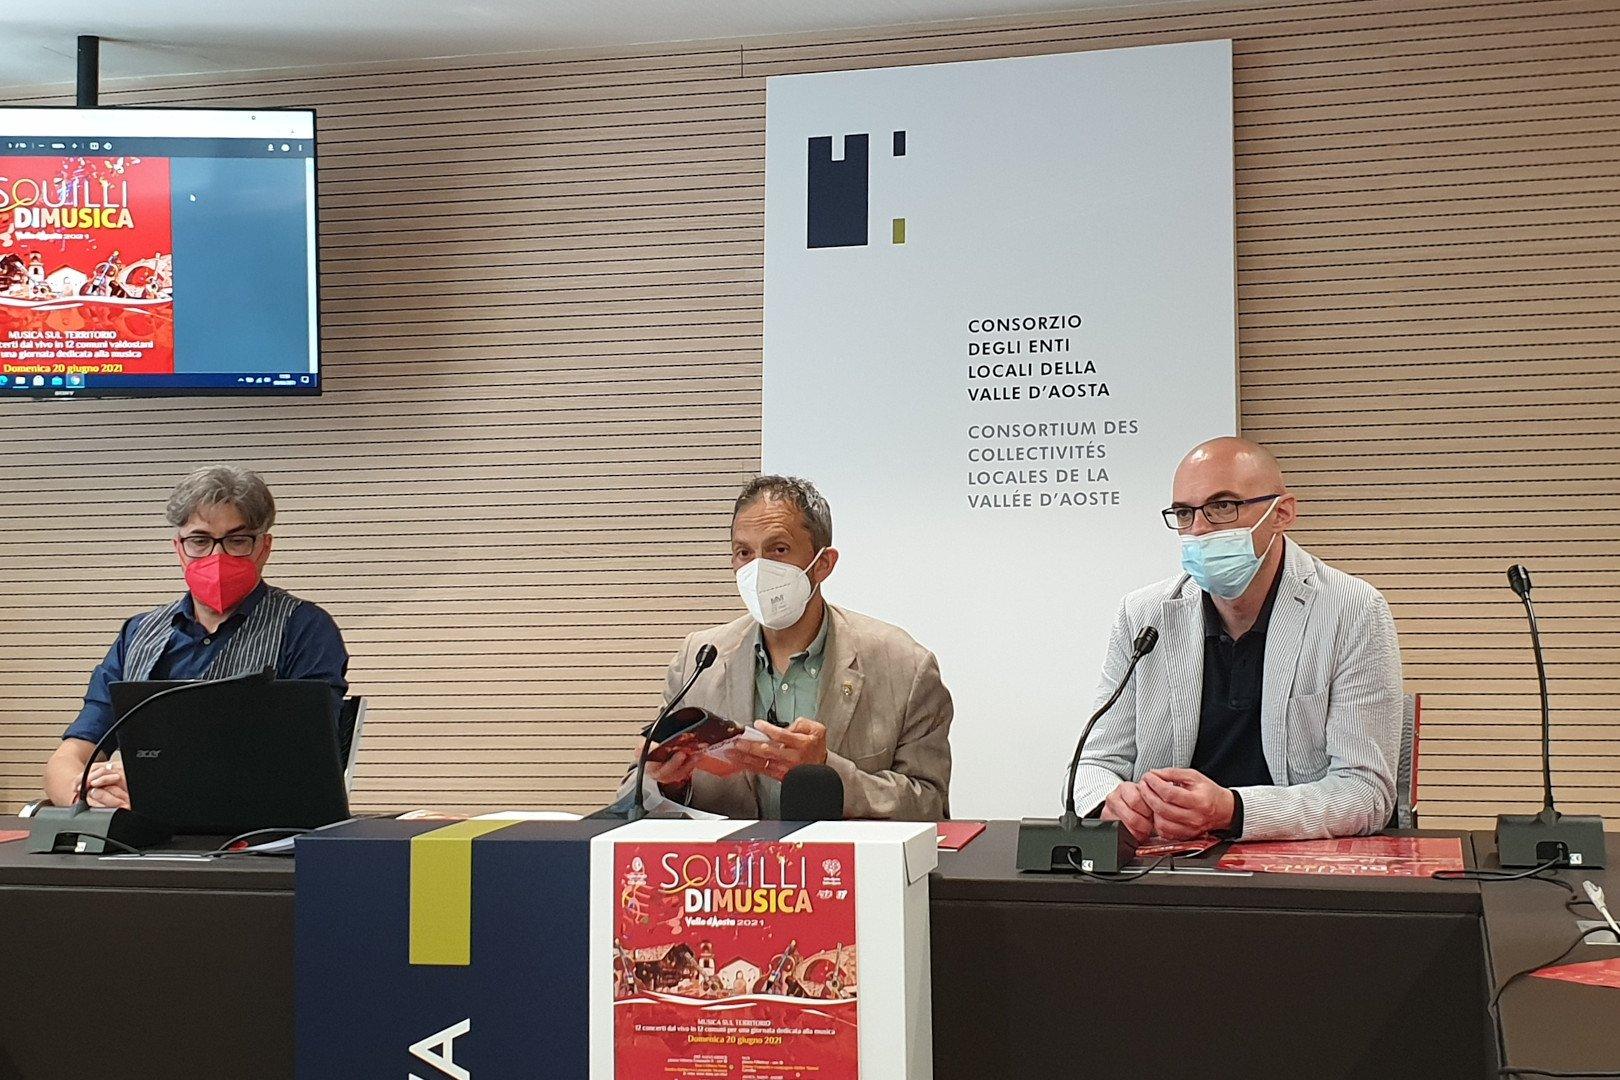 """""""Squilli di musica"""" fa segnare la ripartenza delle manifestazioni organizzate dalla Regione, con uno stanziamento di 120mila euro per 12 eventi in un solo giorno"""